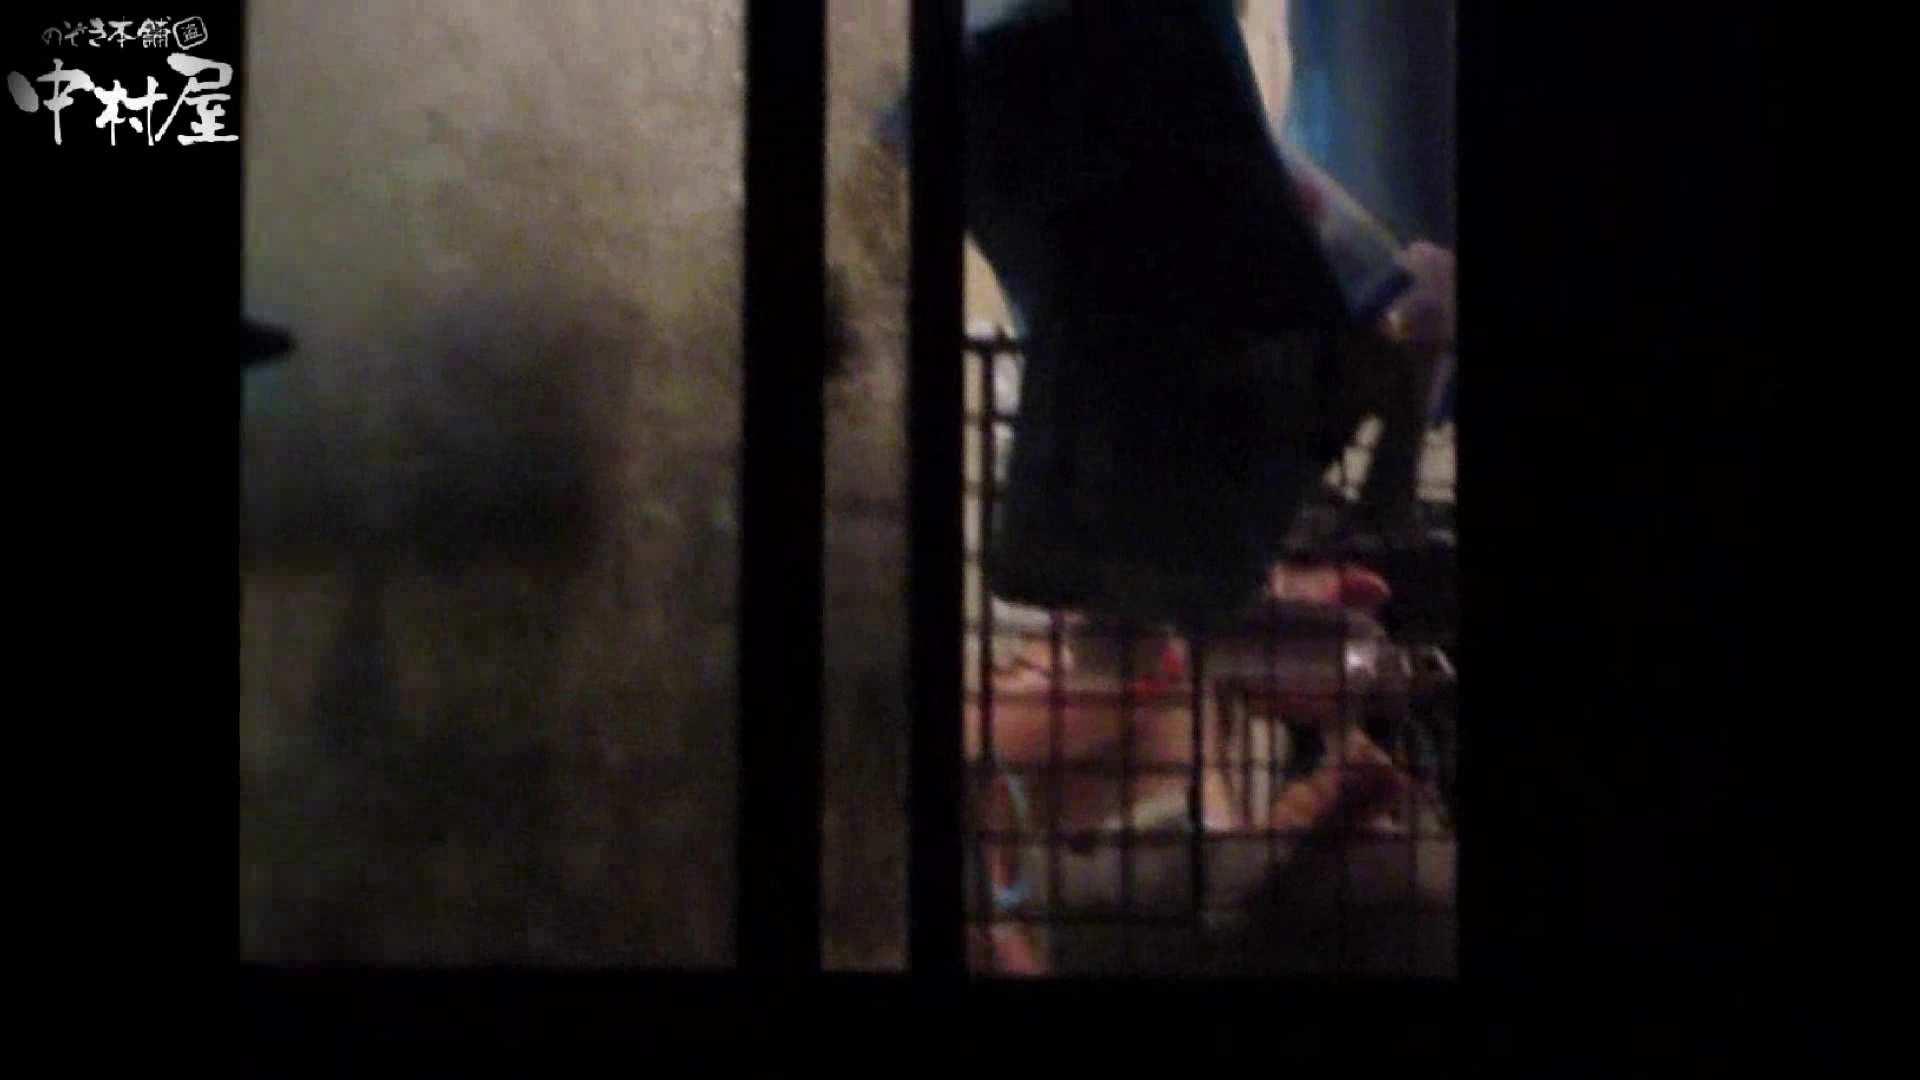 民家風呂専門盗撮師の超危険映像 vol.023 民家 オメコ無修正動画無料 95連発 40